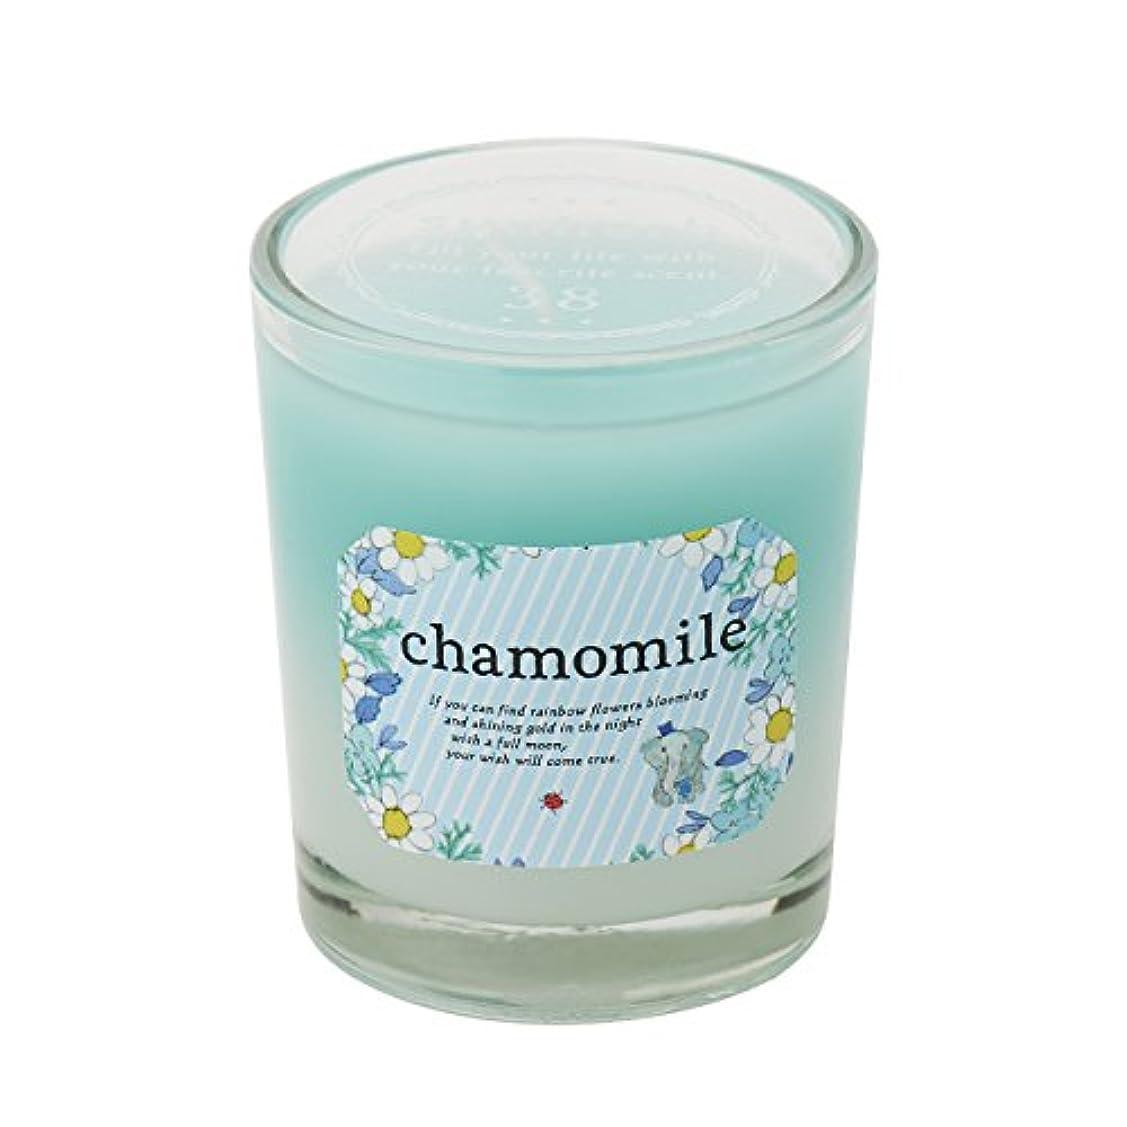 エンドウモットー汚染サンハーブ グラスキャンドル カモマイル 35g(グラデーションろうそく 燃焼時間約10時間 やさしく穏やかな甘い香り)